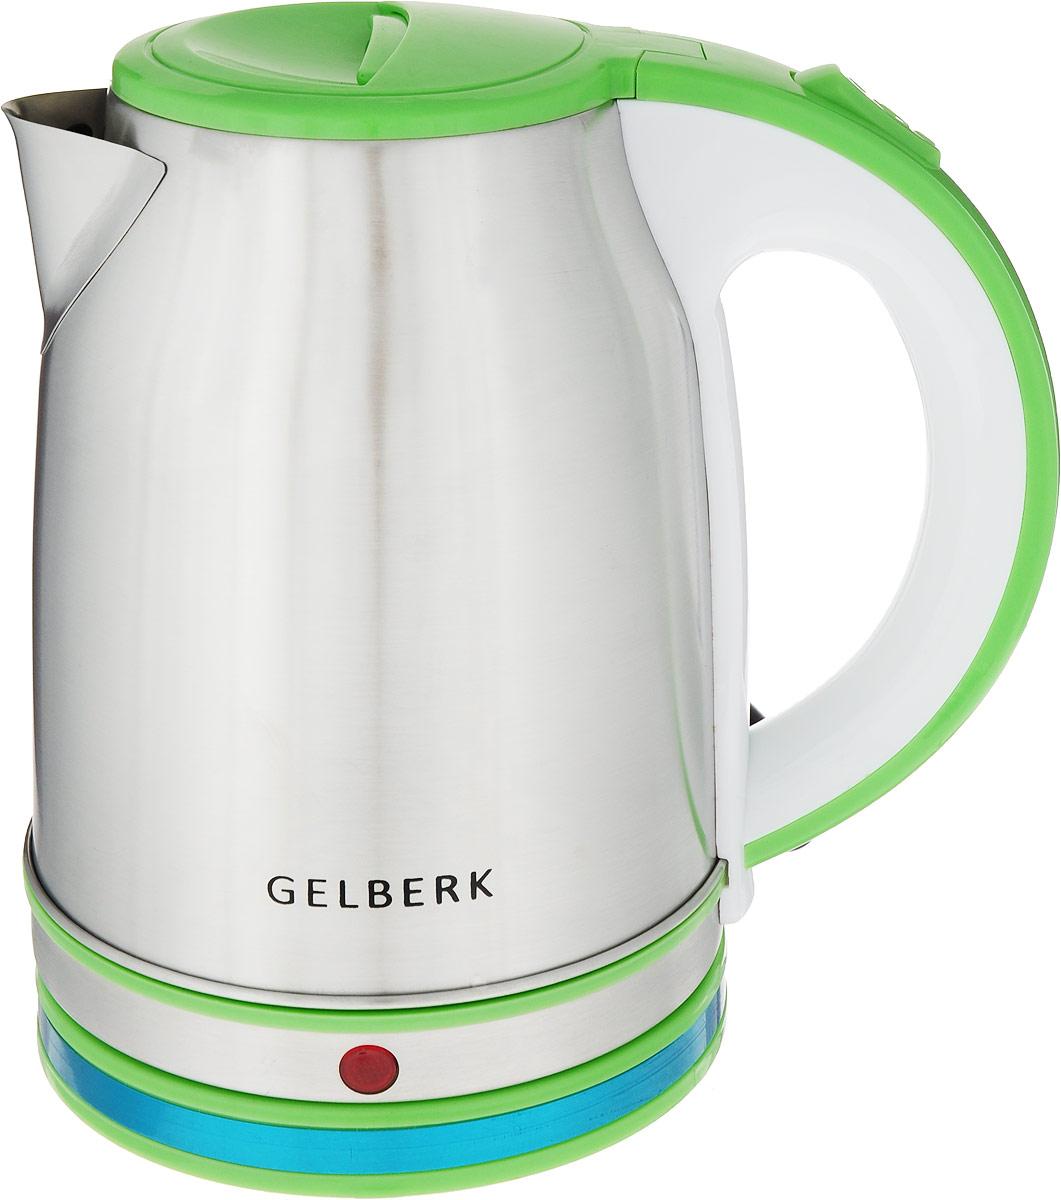 Электрический чайник Gelberk GL-326_САЛАТОВЫЙ, зеленый